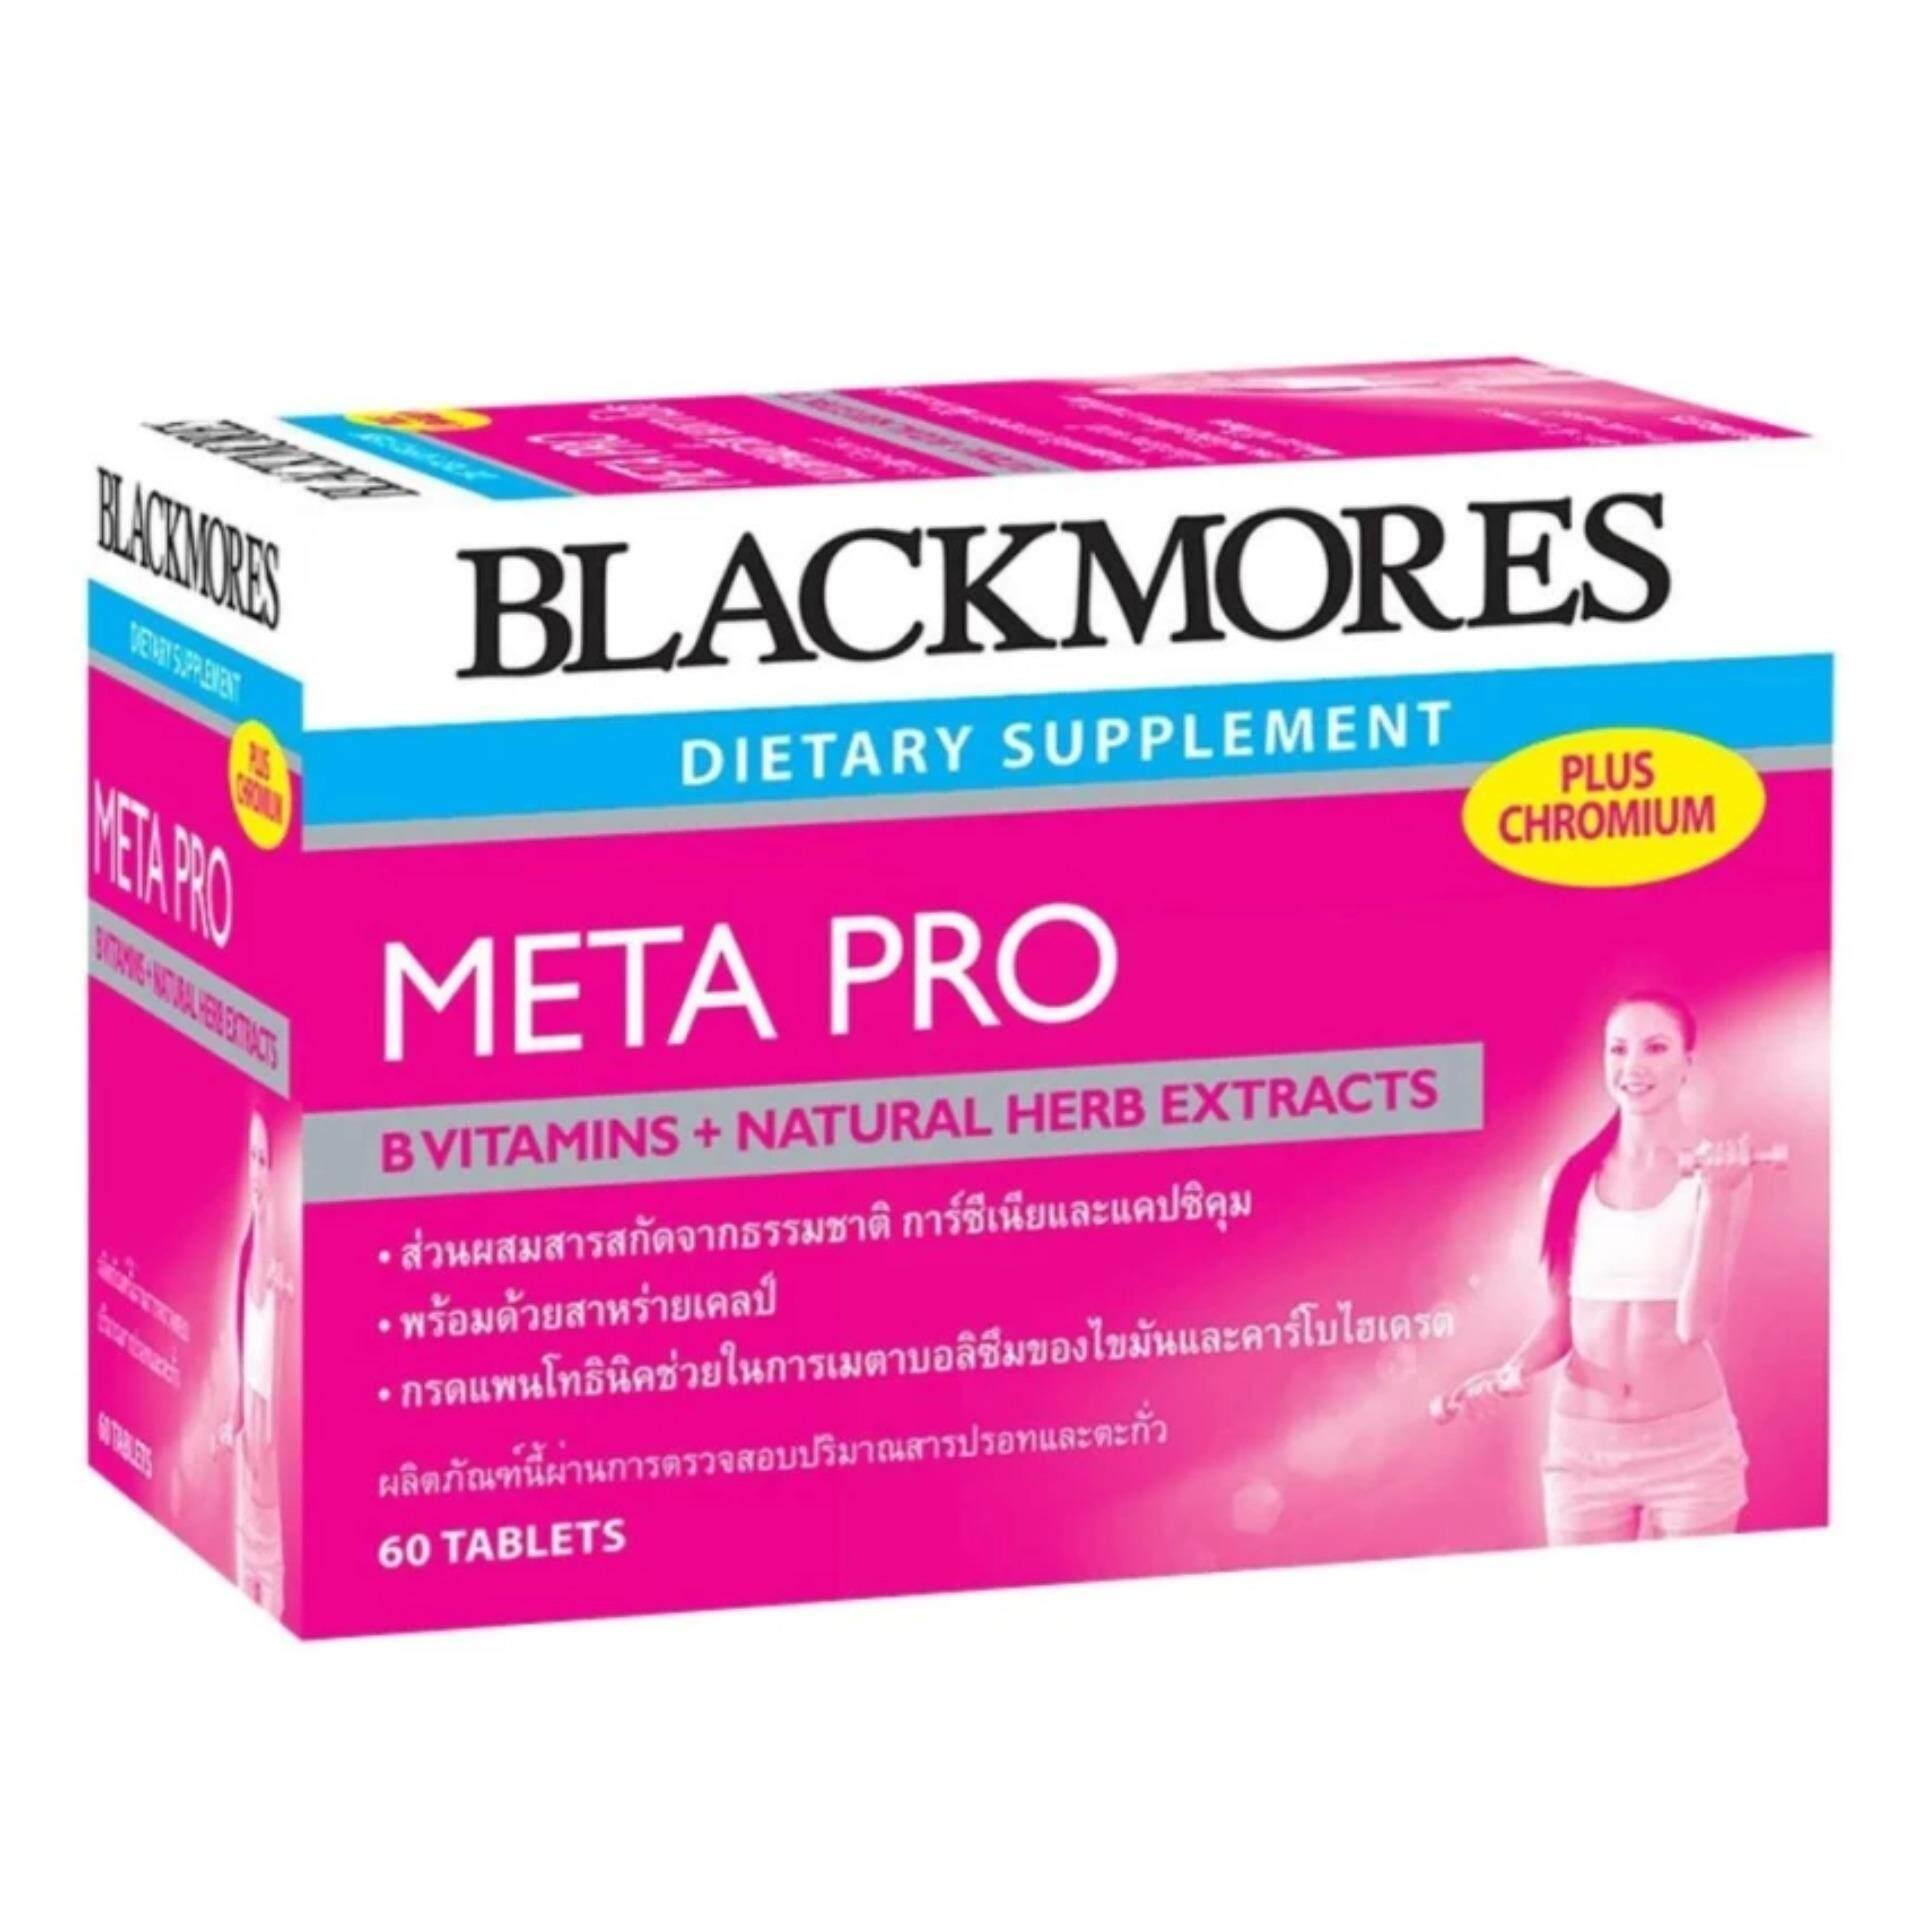 ขาย ซื้อ ออนไลน์ Blackmores ผลิตภัณฑ์เสริมอาหาร Meta Pro 60เม็ด